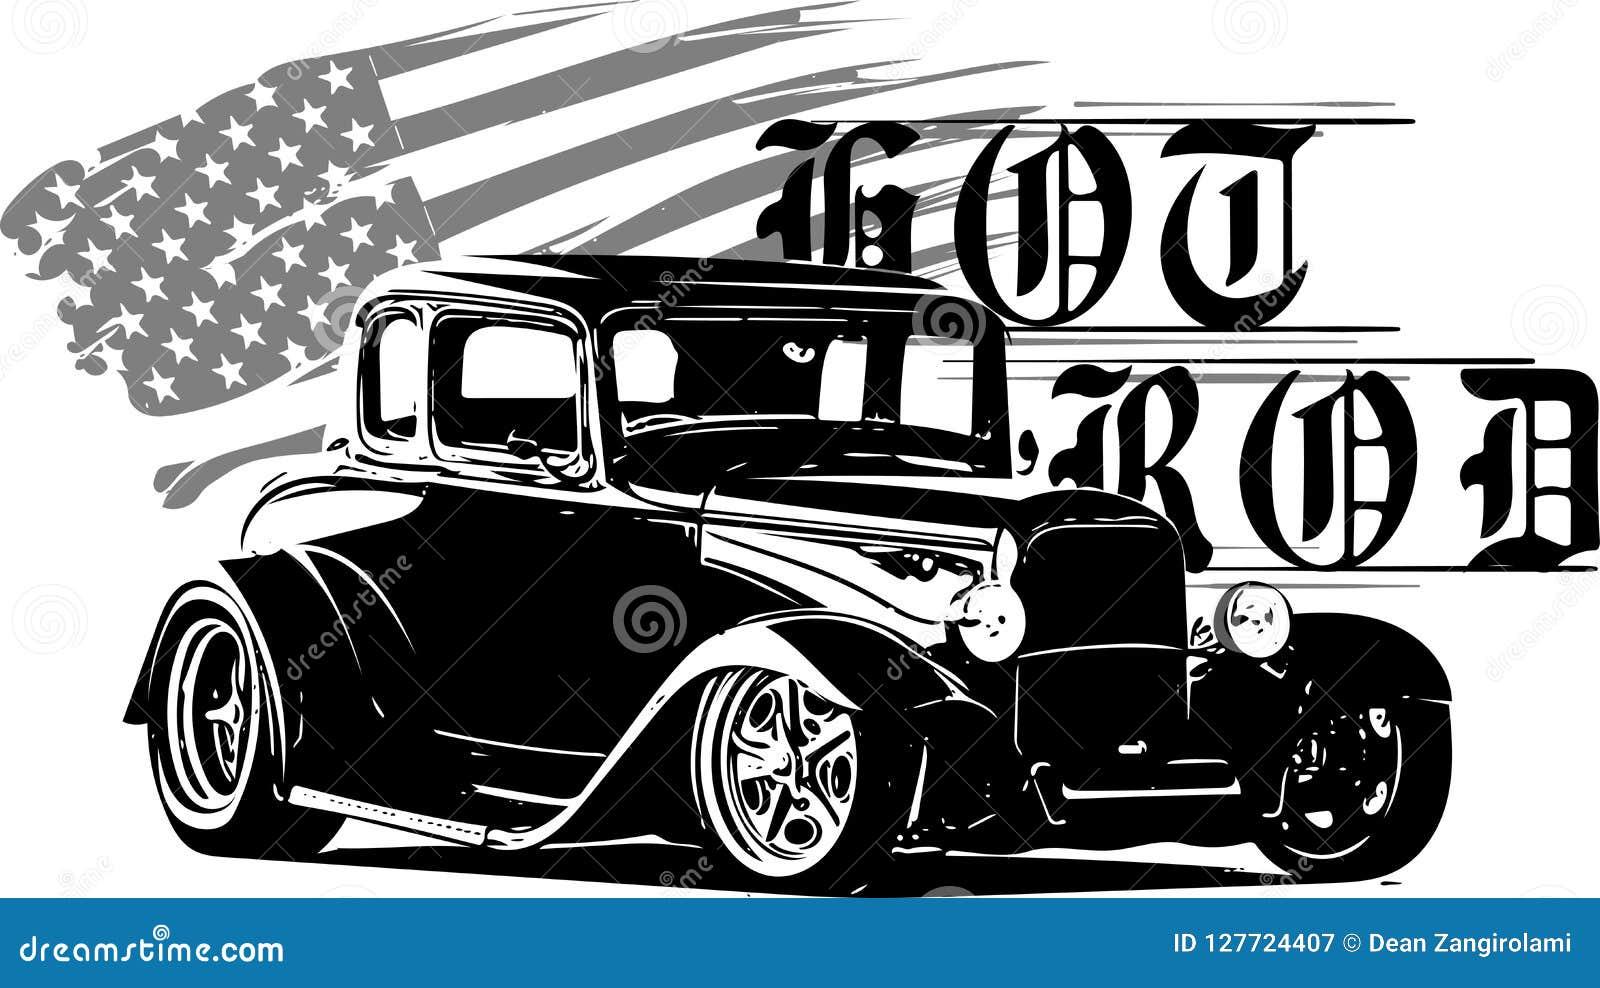 Os clássicos do hot rod, originais do hotrod, ruidosamente e jejuam competindo o equipamento, hot rod carro, carro da velha escol